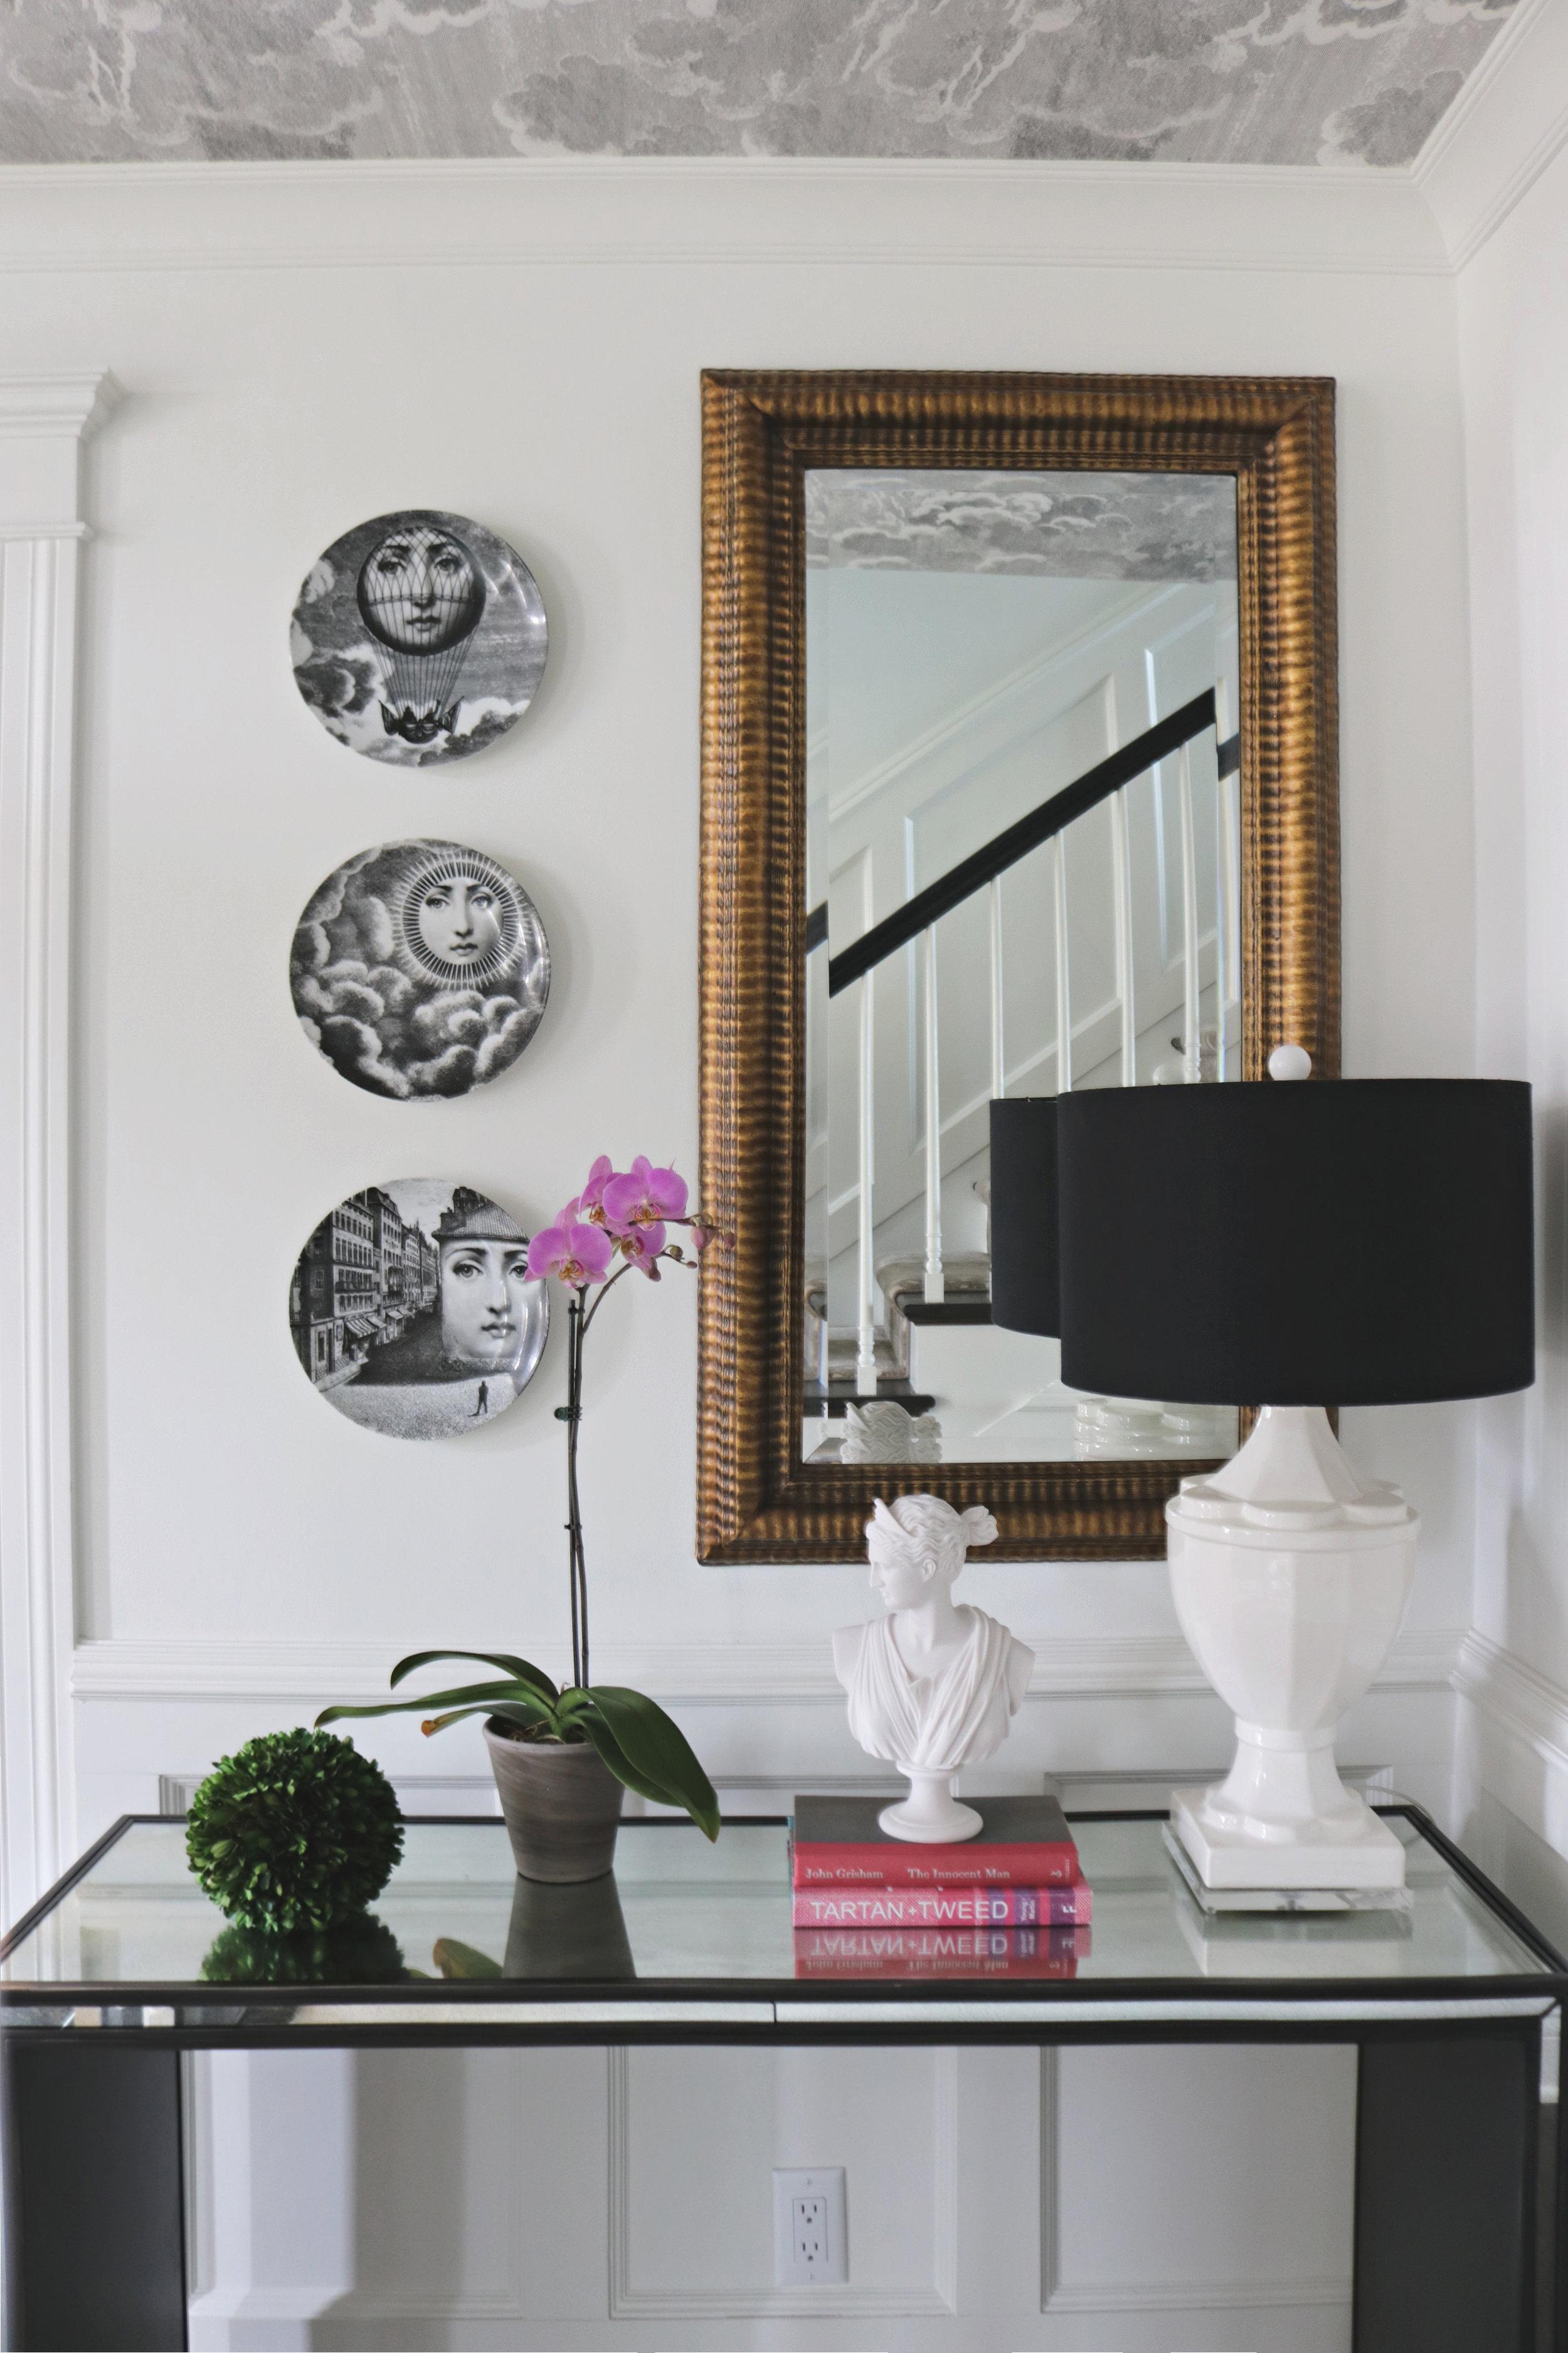 Kelle Dame Interiors Fornasetti Foyer Design (1).jpg